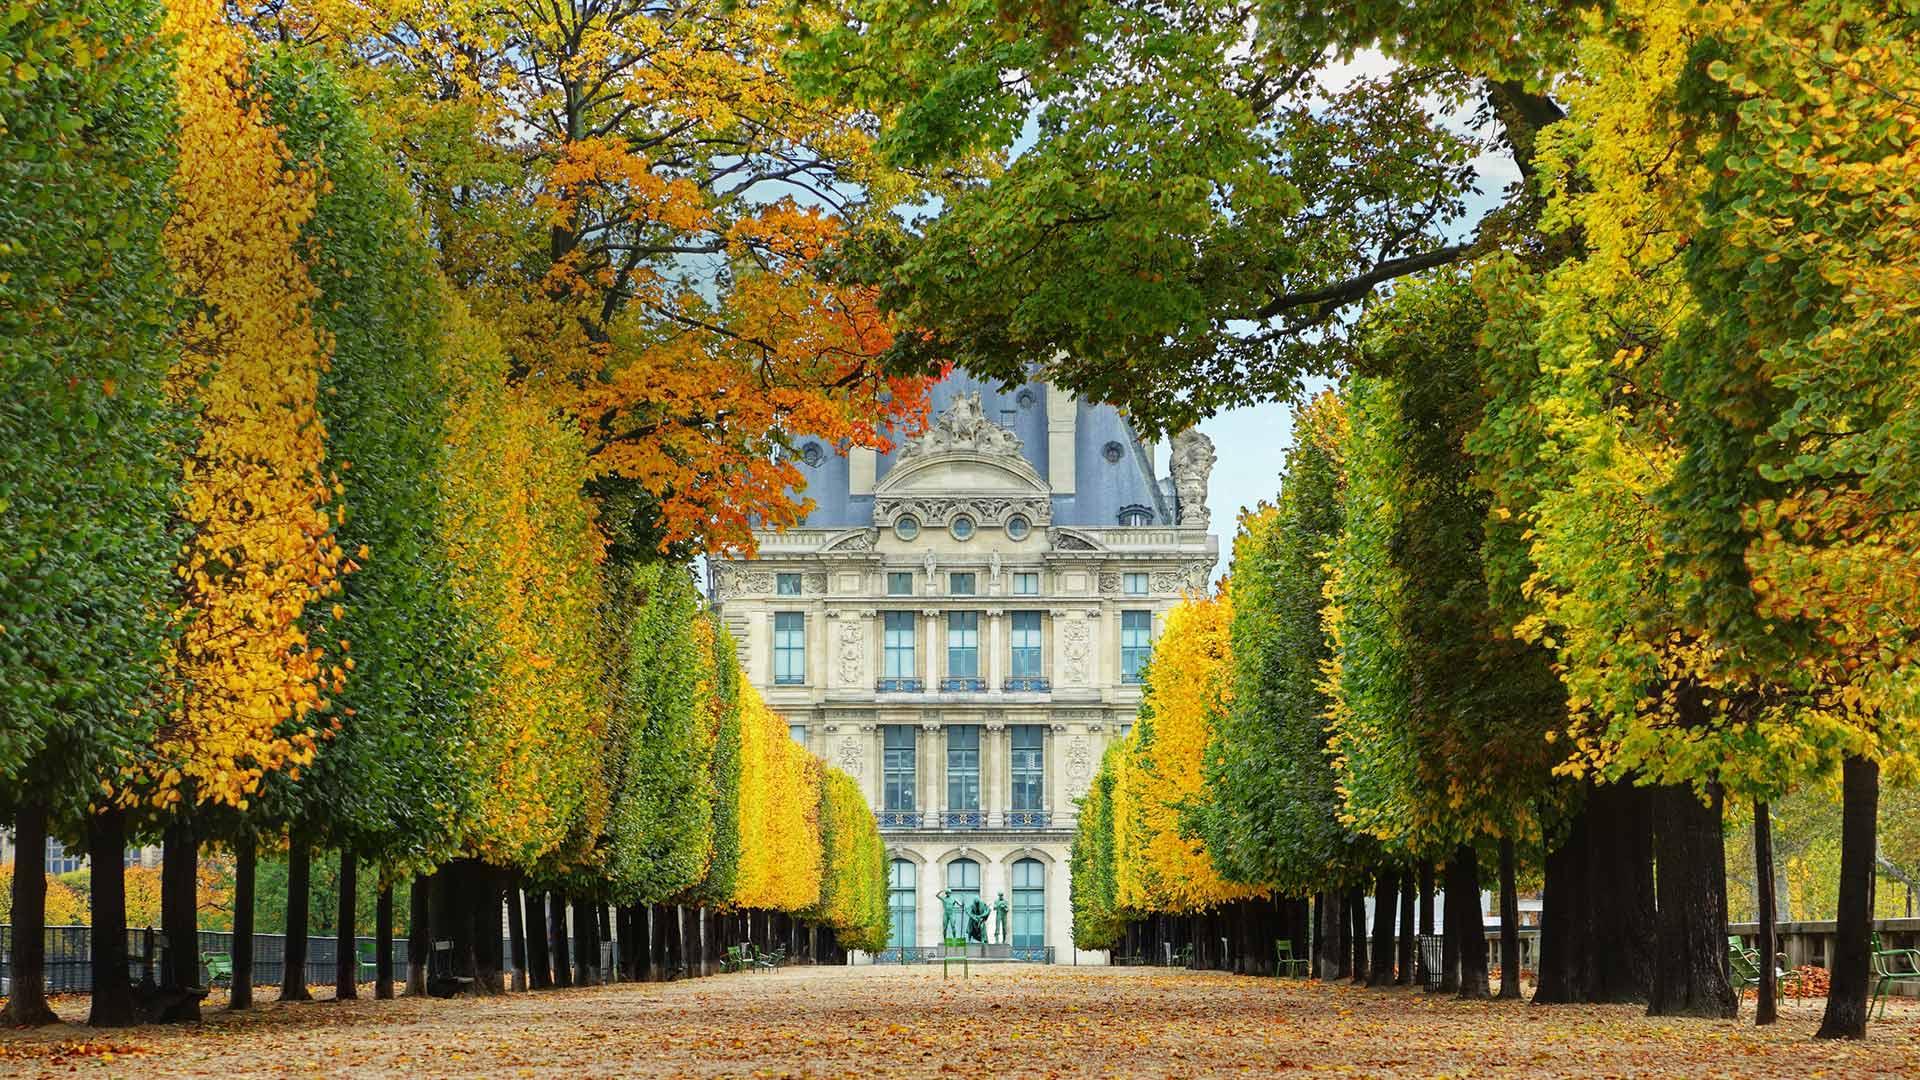 「テュイルリー庭園の並木道」フランス, パリ (© Brian A. Jackson/Getty Images Plus)